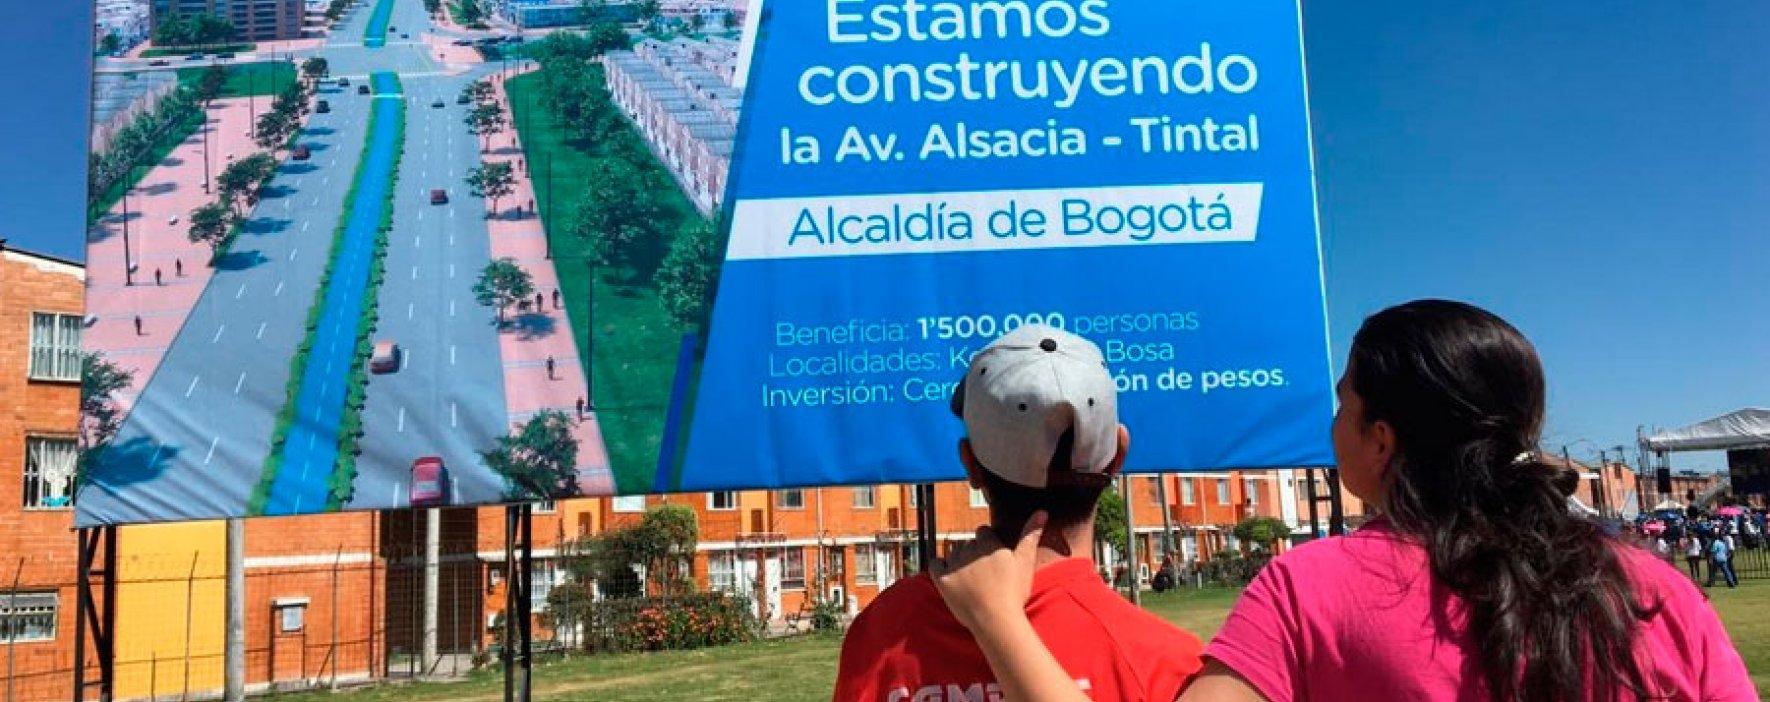 En Bogotá se adjudicó la construcción de la avenida Alsacia-Tintal